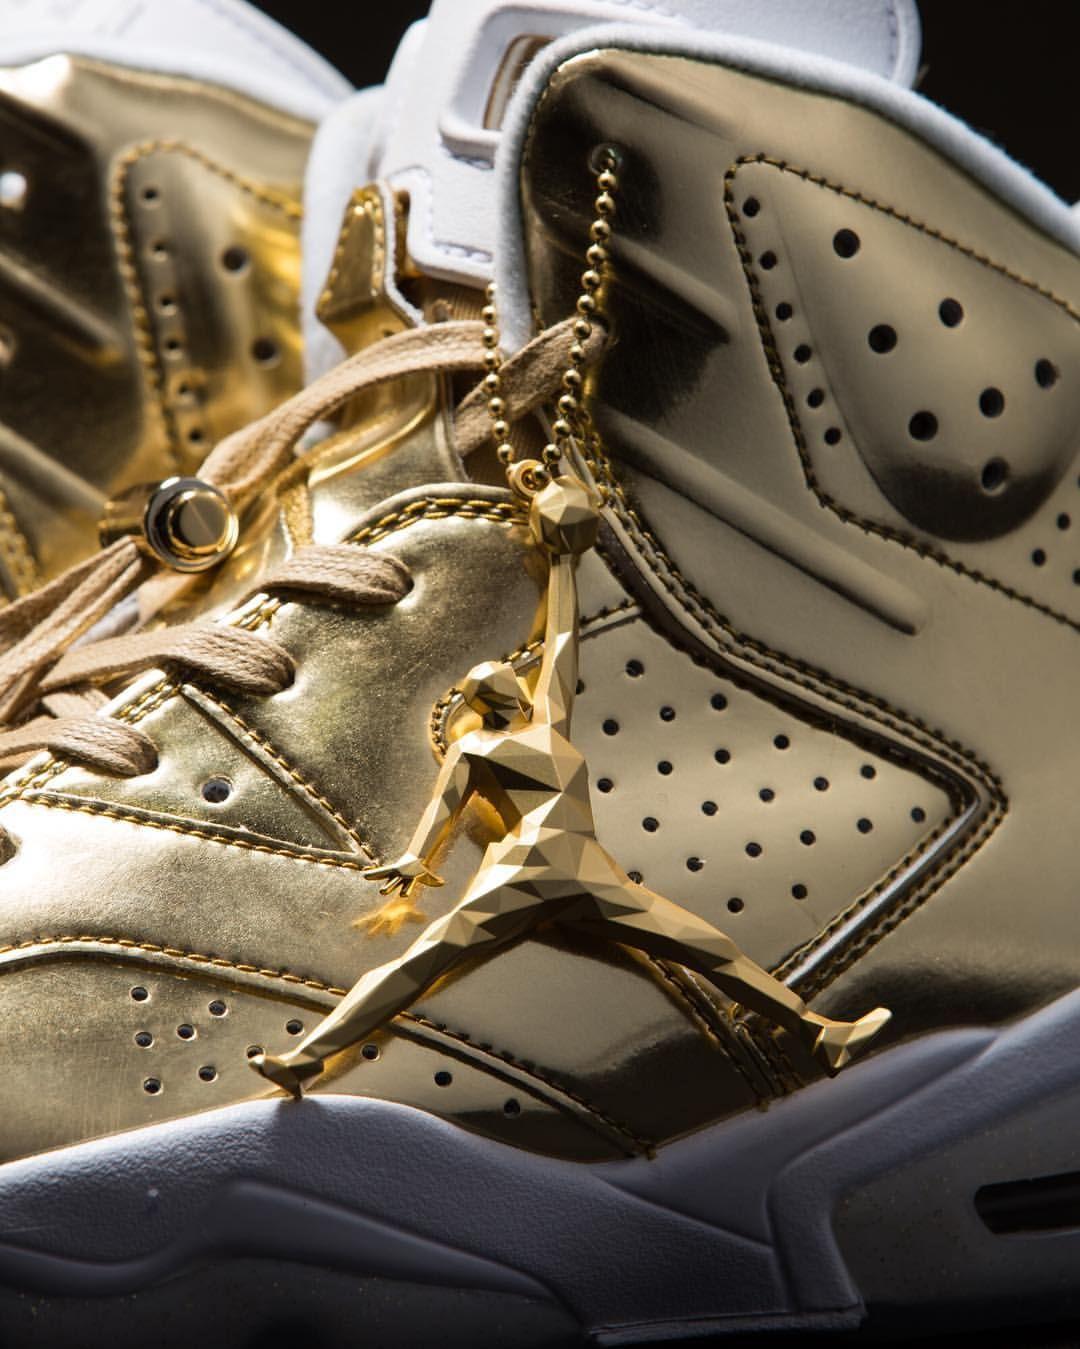 reputable site ff4ec 0326d Air Jordan 6 Retro Pinnacle 'Metallic Gold' in 2019   Shoes ...